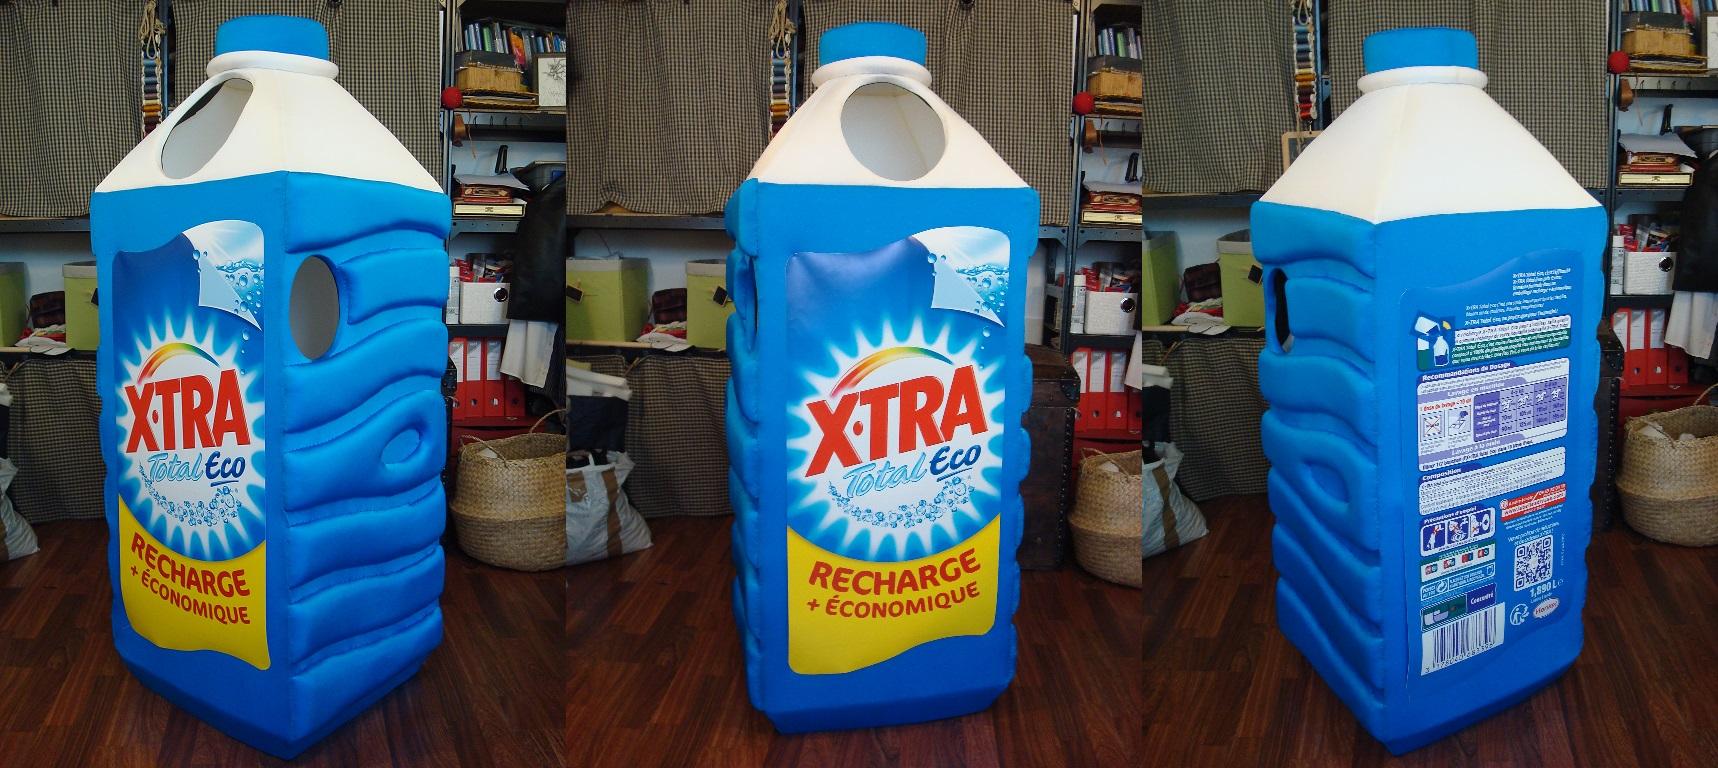 Xtra Eco